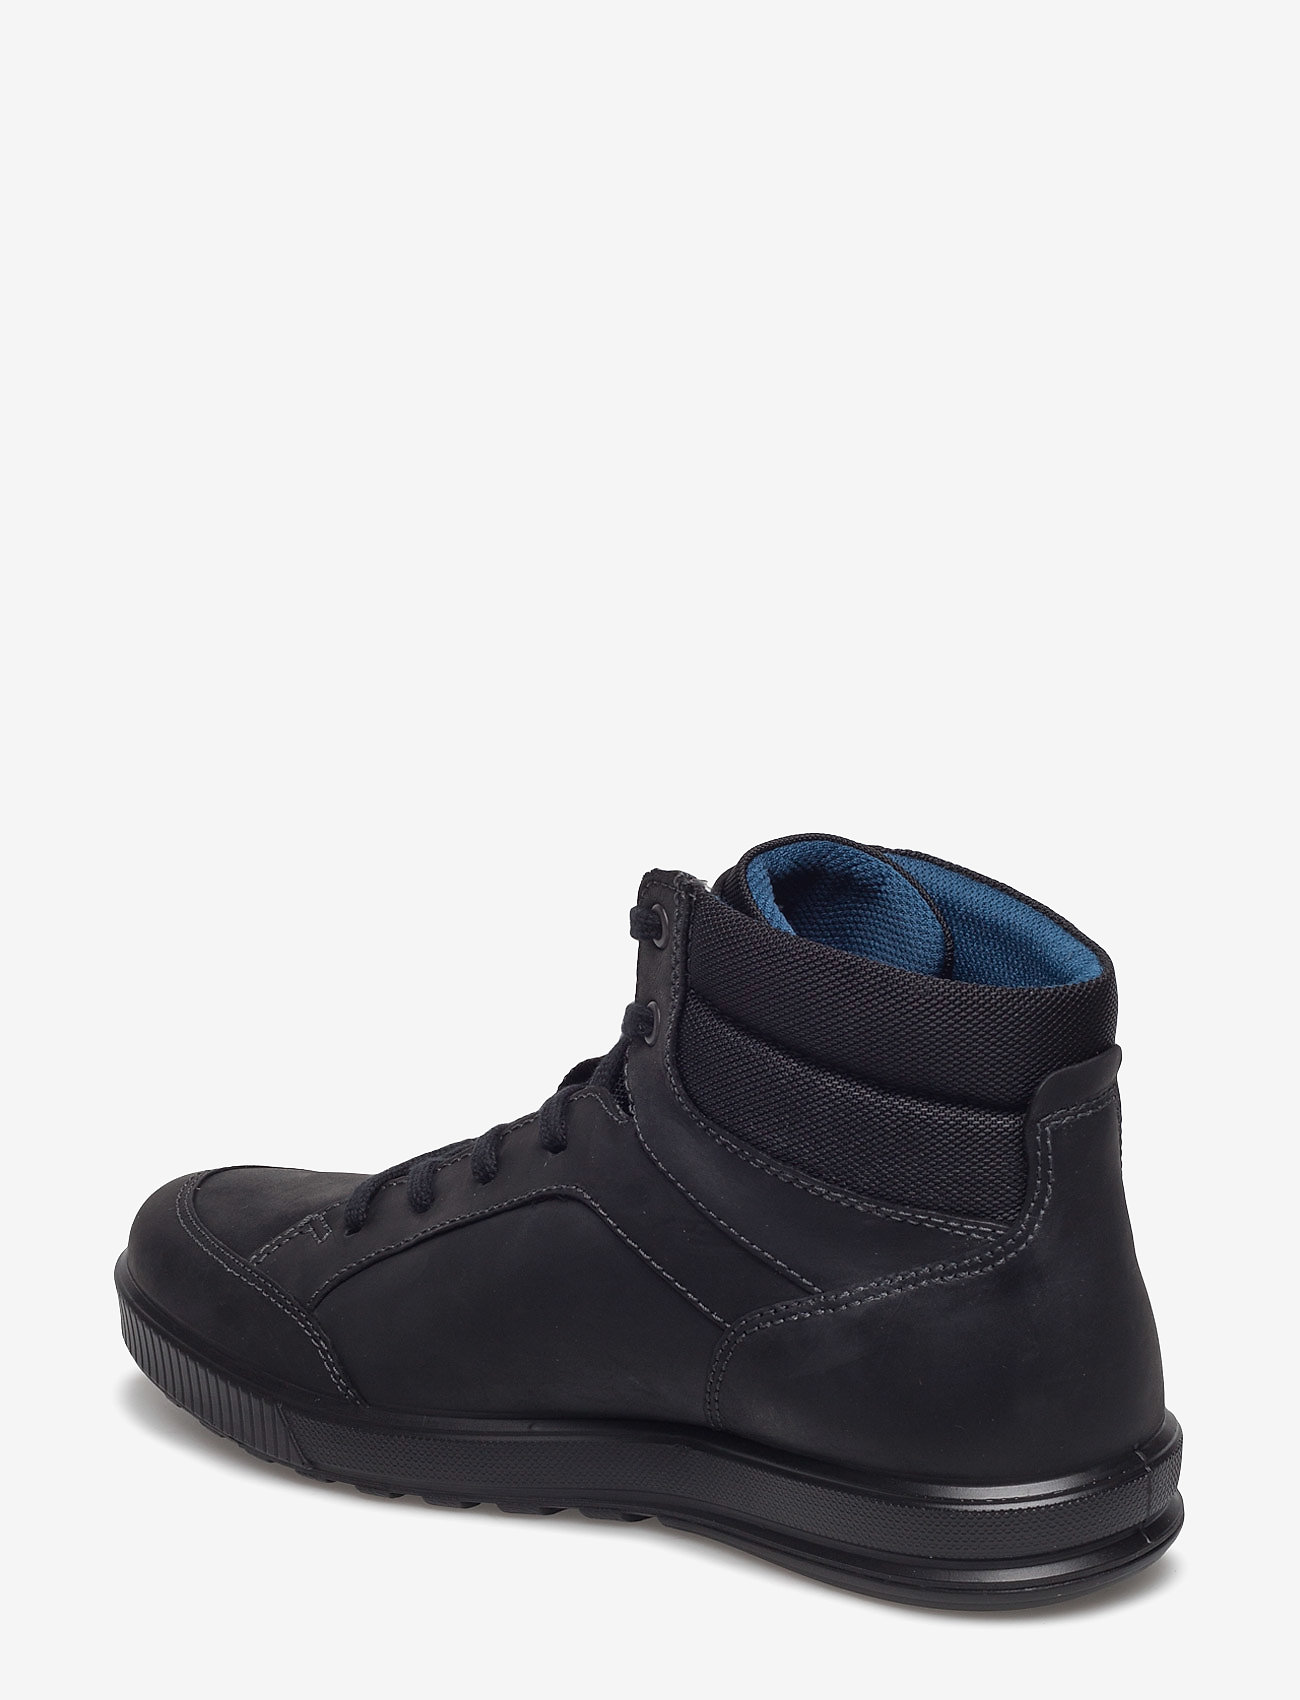 Ecco Ennio - Sneakers Black/black